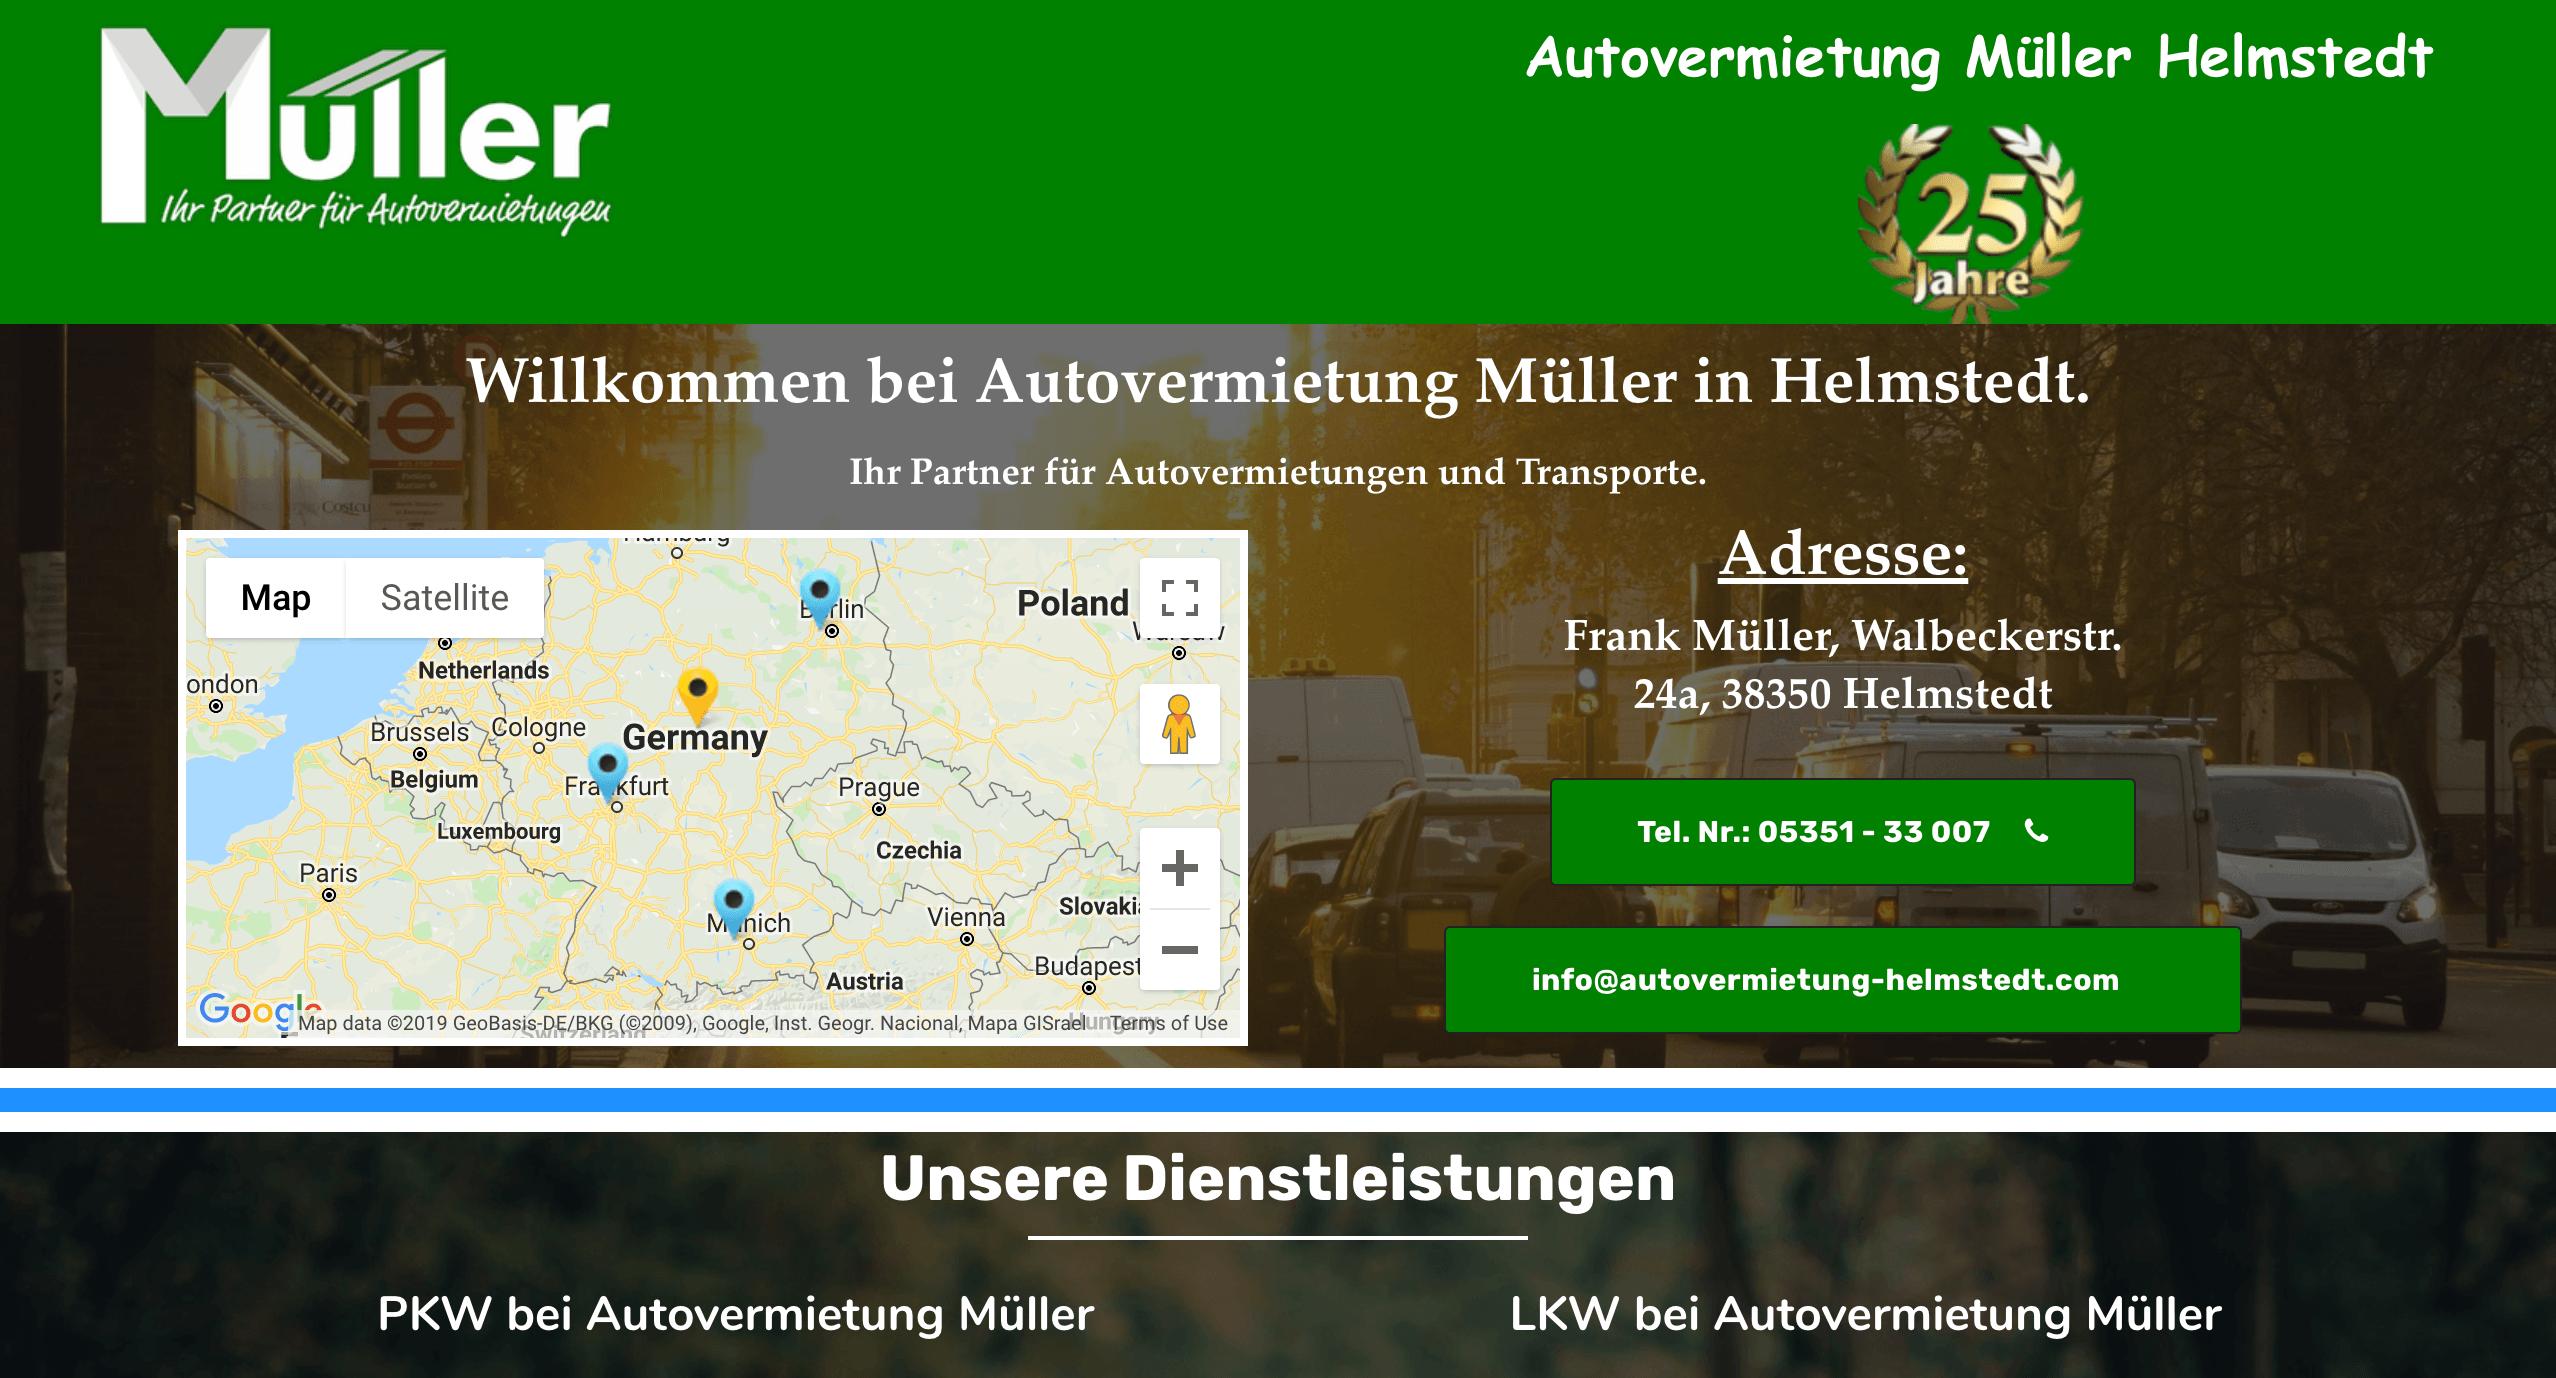 Autovermietung Müller Helmstedt